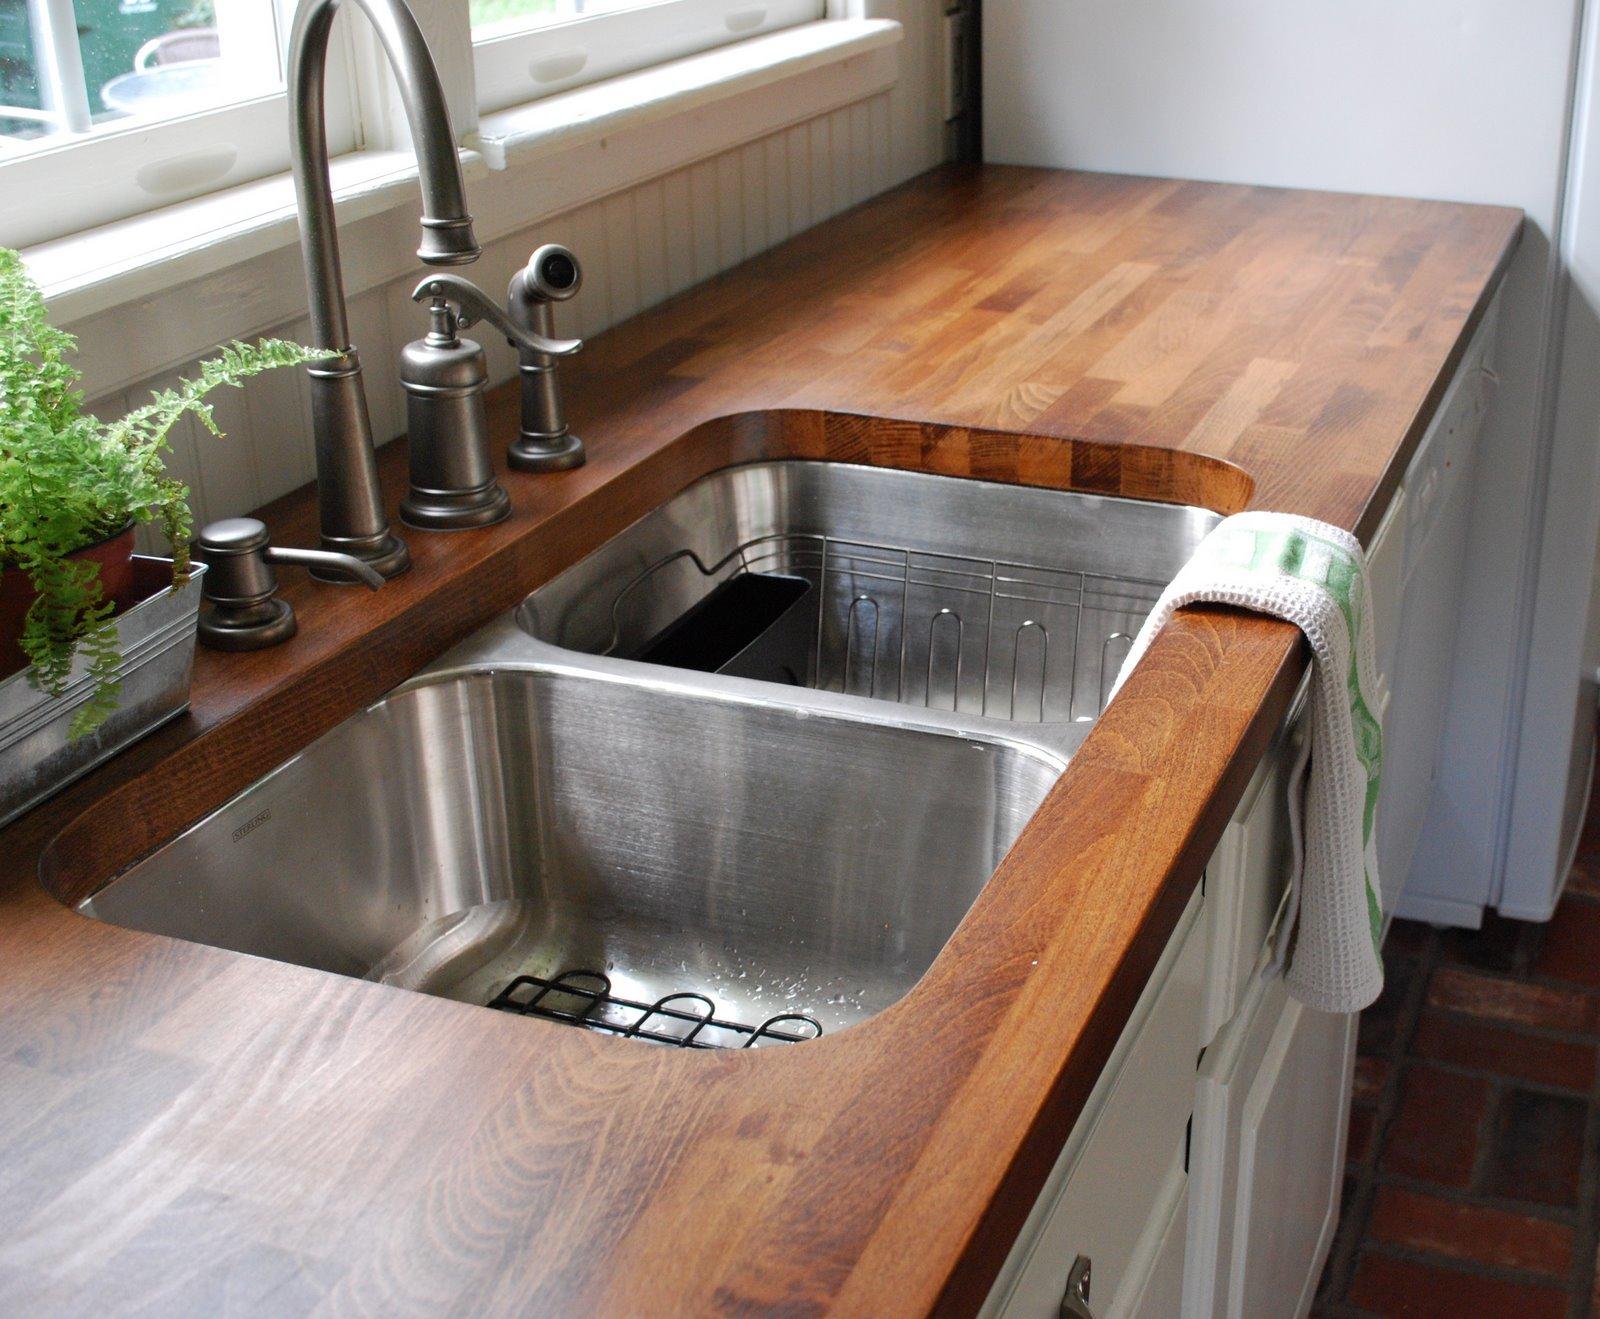 Деревянные кухонные столешницы из темного дерева вокруг раковины - фото 1